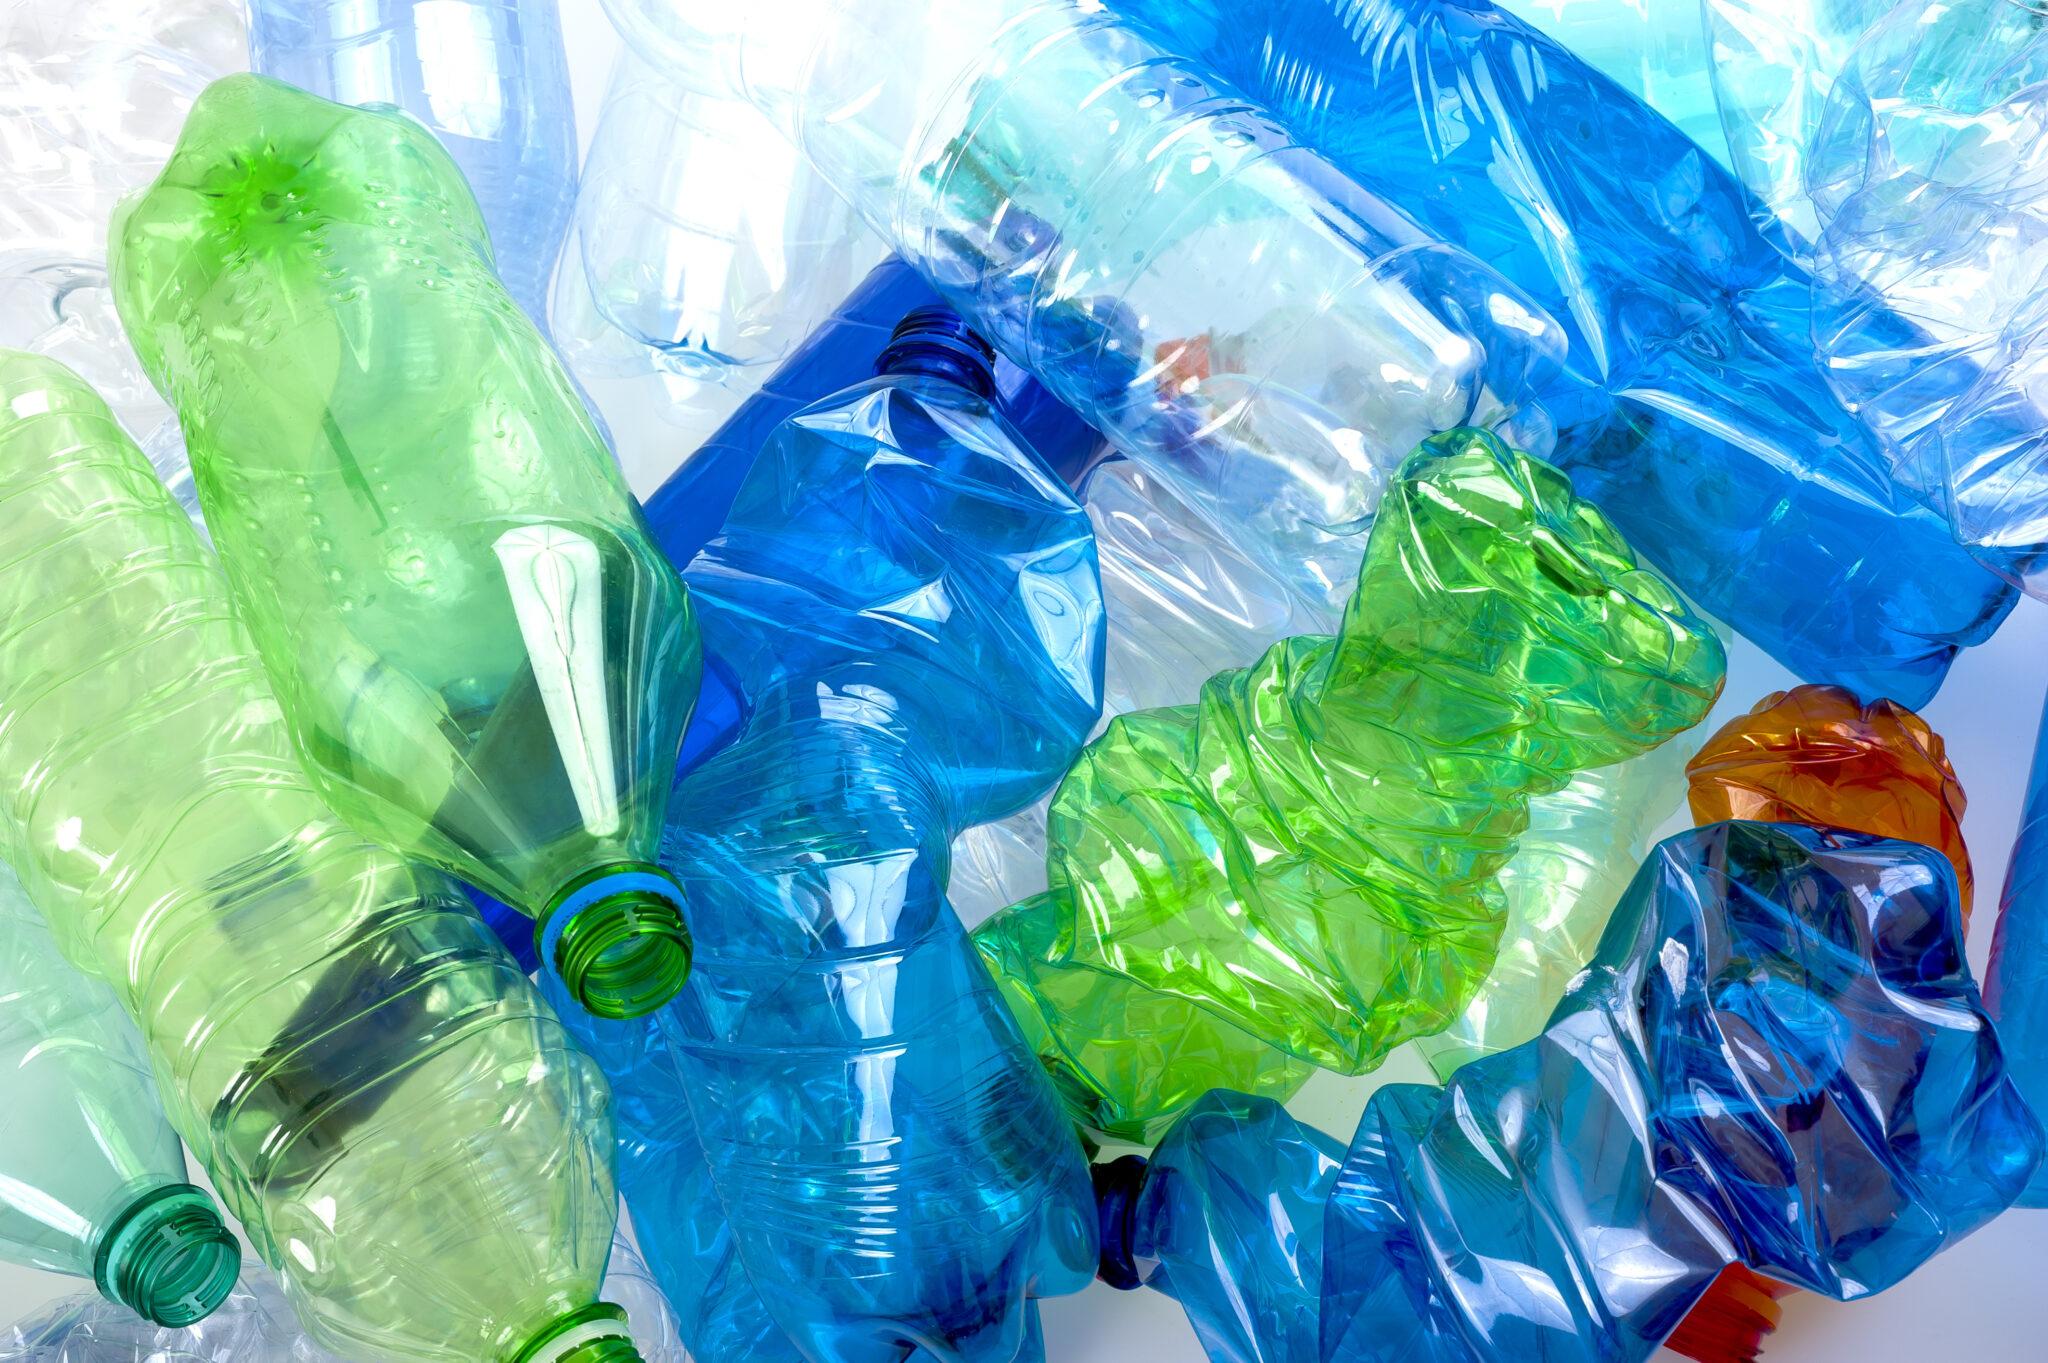 Plástico por que deberia preocuparnos